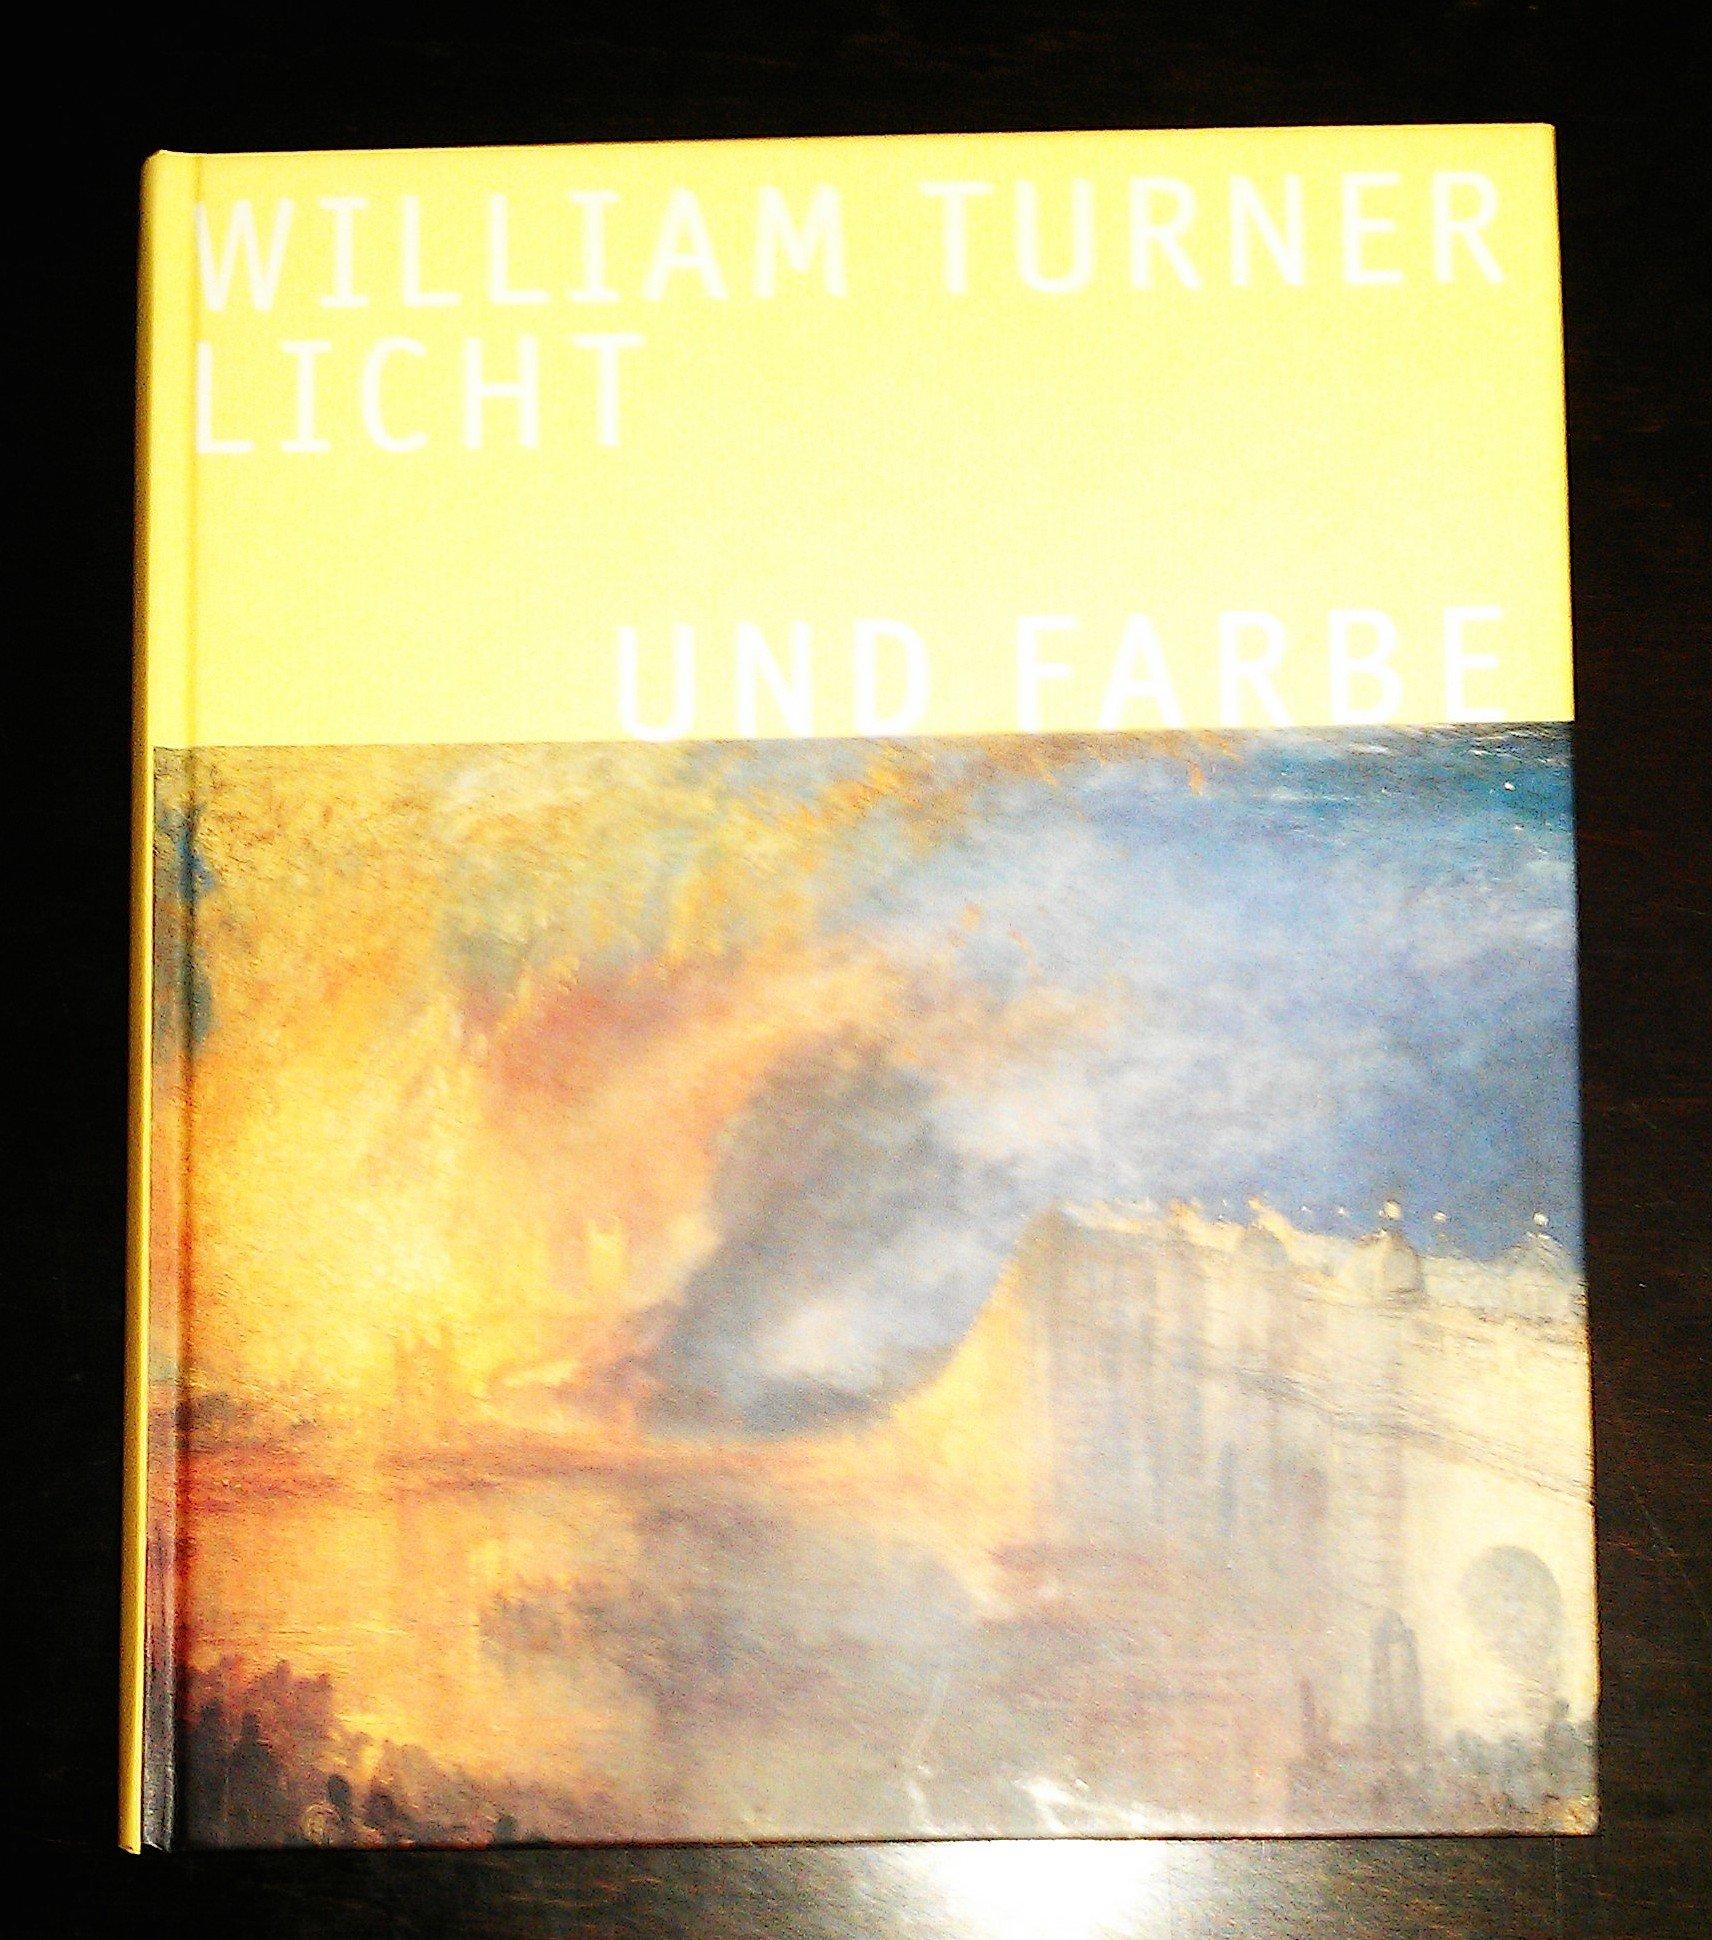 William Turner   Licht Und Farbe. Eine Ausstellung In Zusammenarbeit Mit Tate